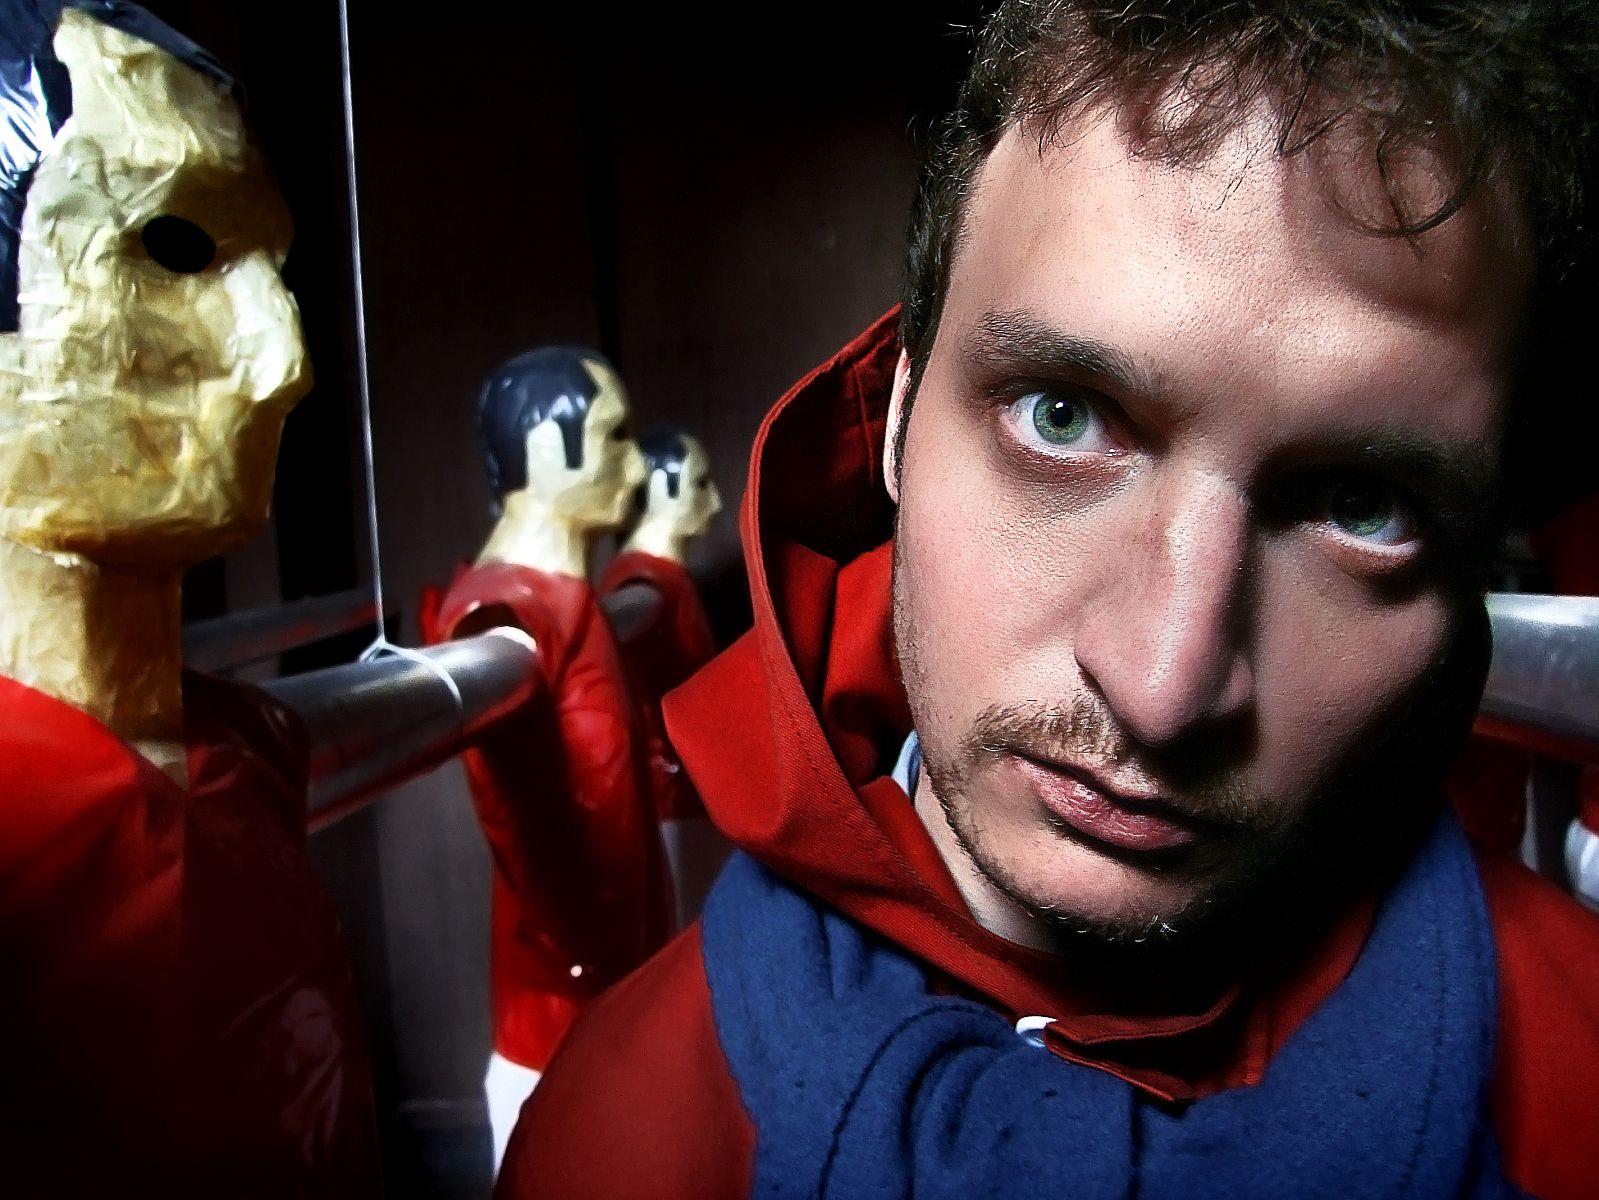 Pepso Stavinsky: Péril jeune sur lalune